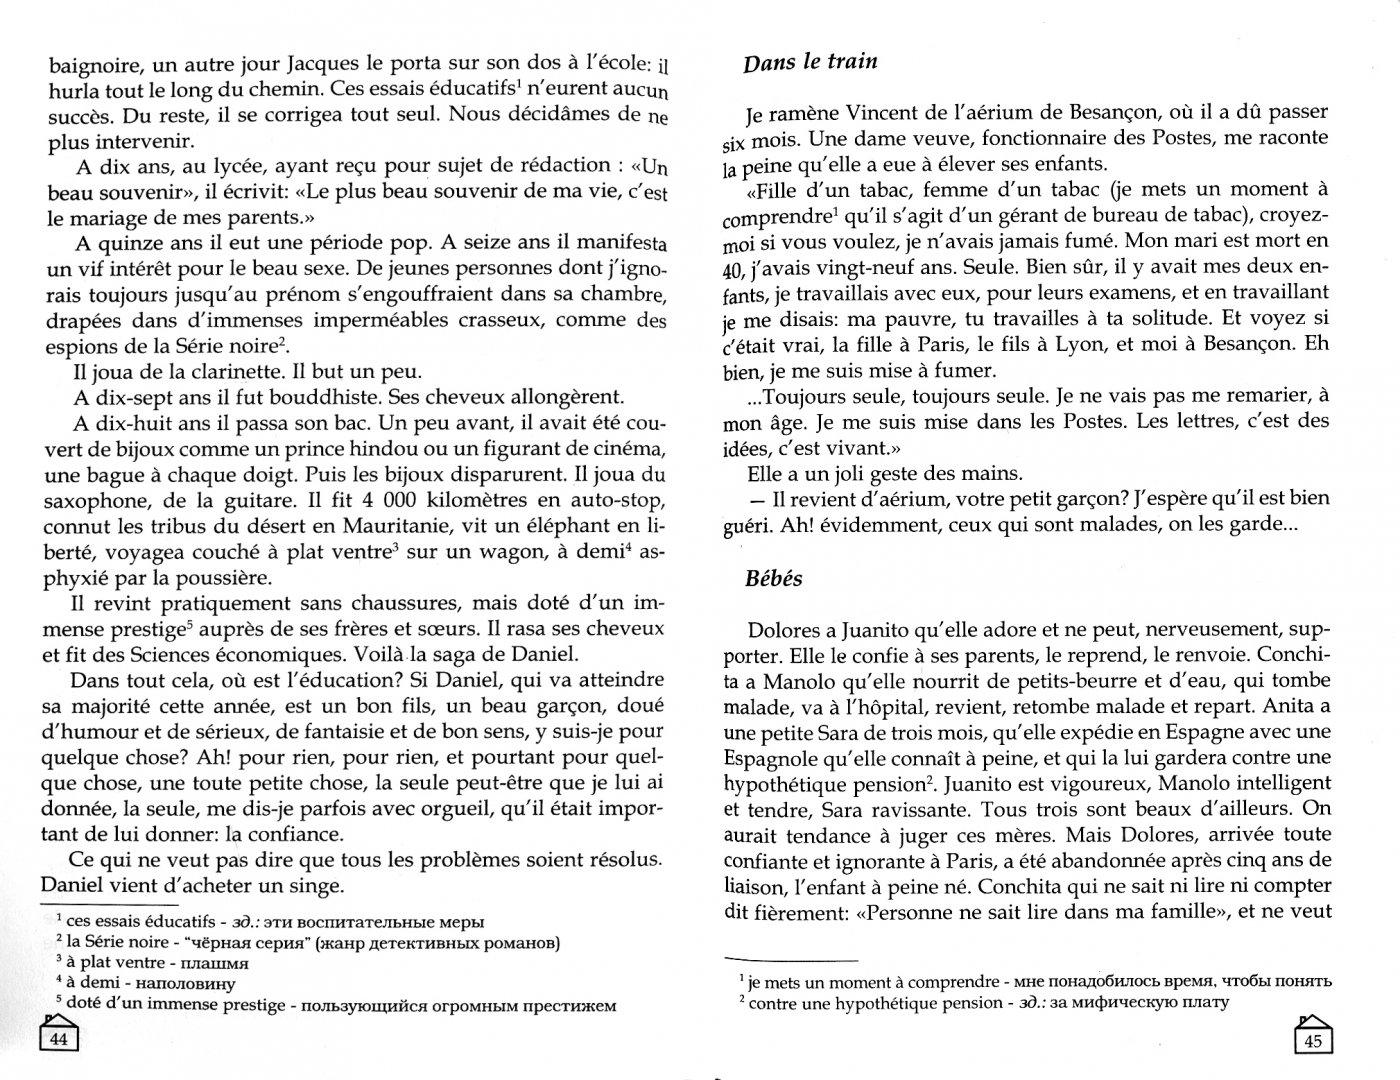 Иллюстрация 1 из 26 для La maison de papier - Франсуаза Малле-Жорис | Лабиринт - книги. Источник: Лабиринт